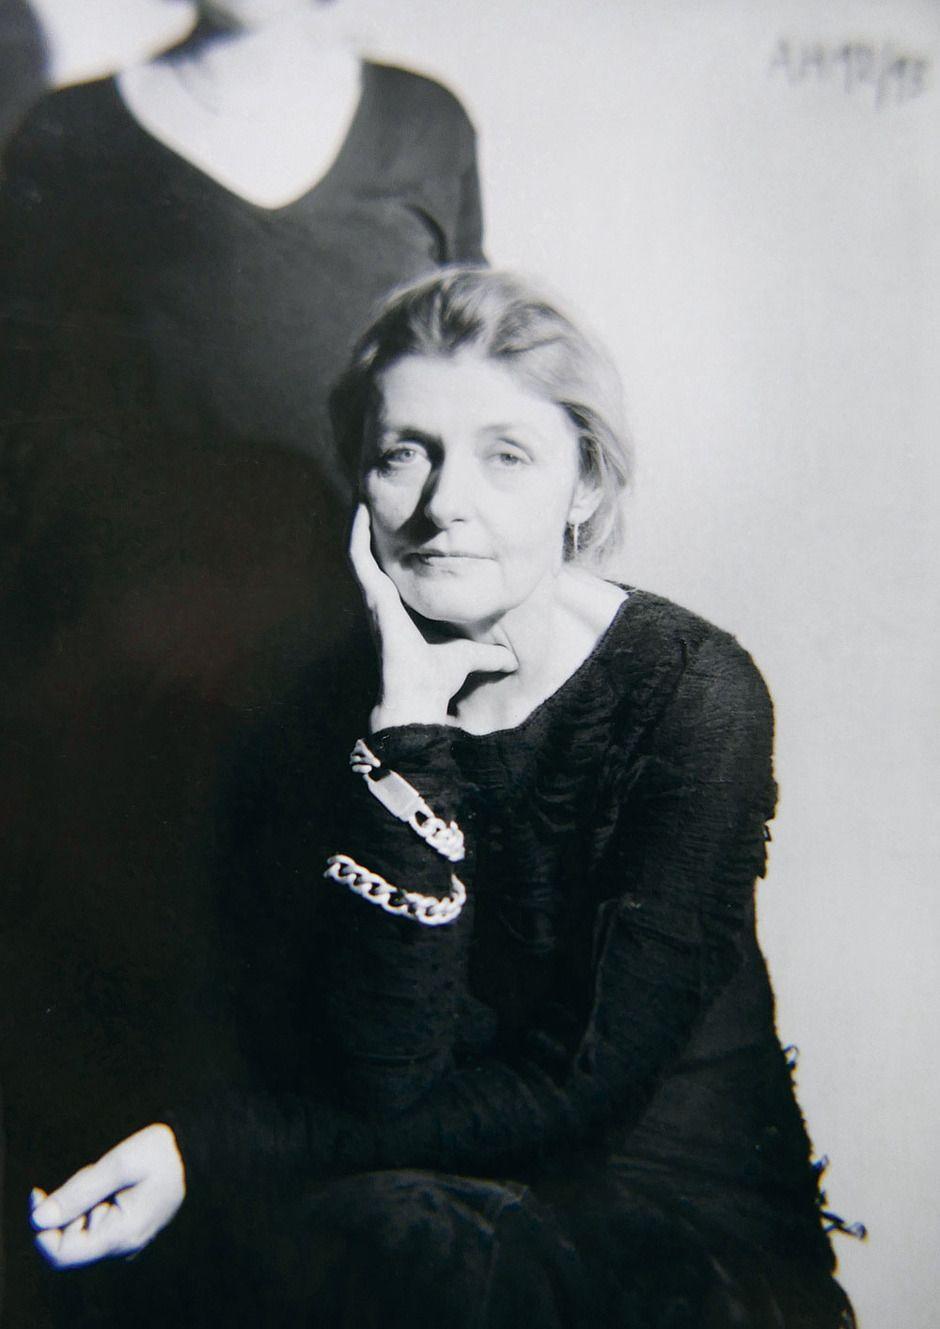 Jenny Meirens